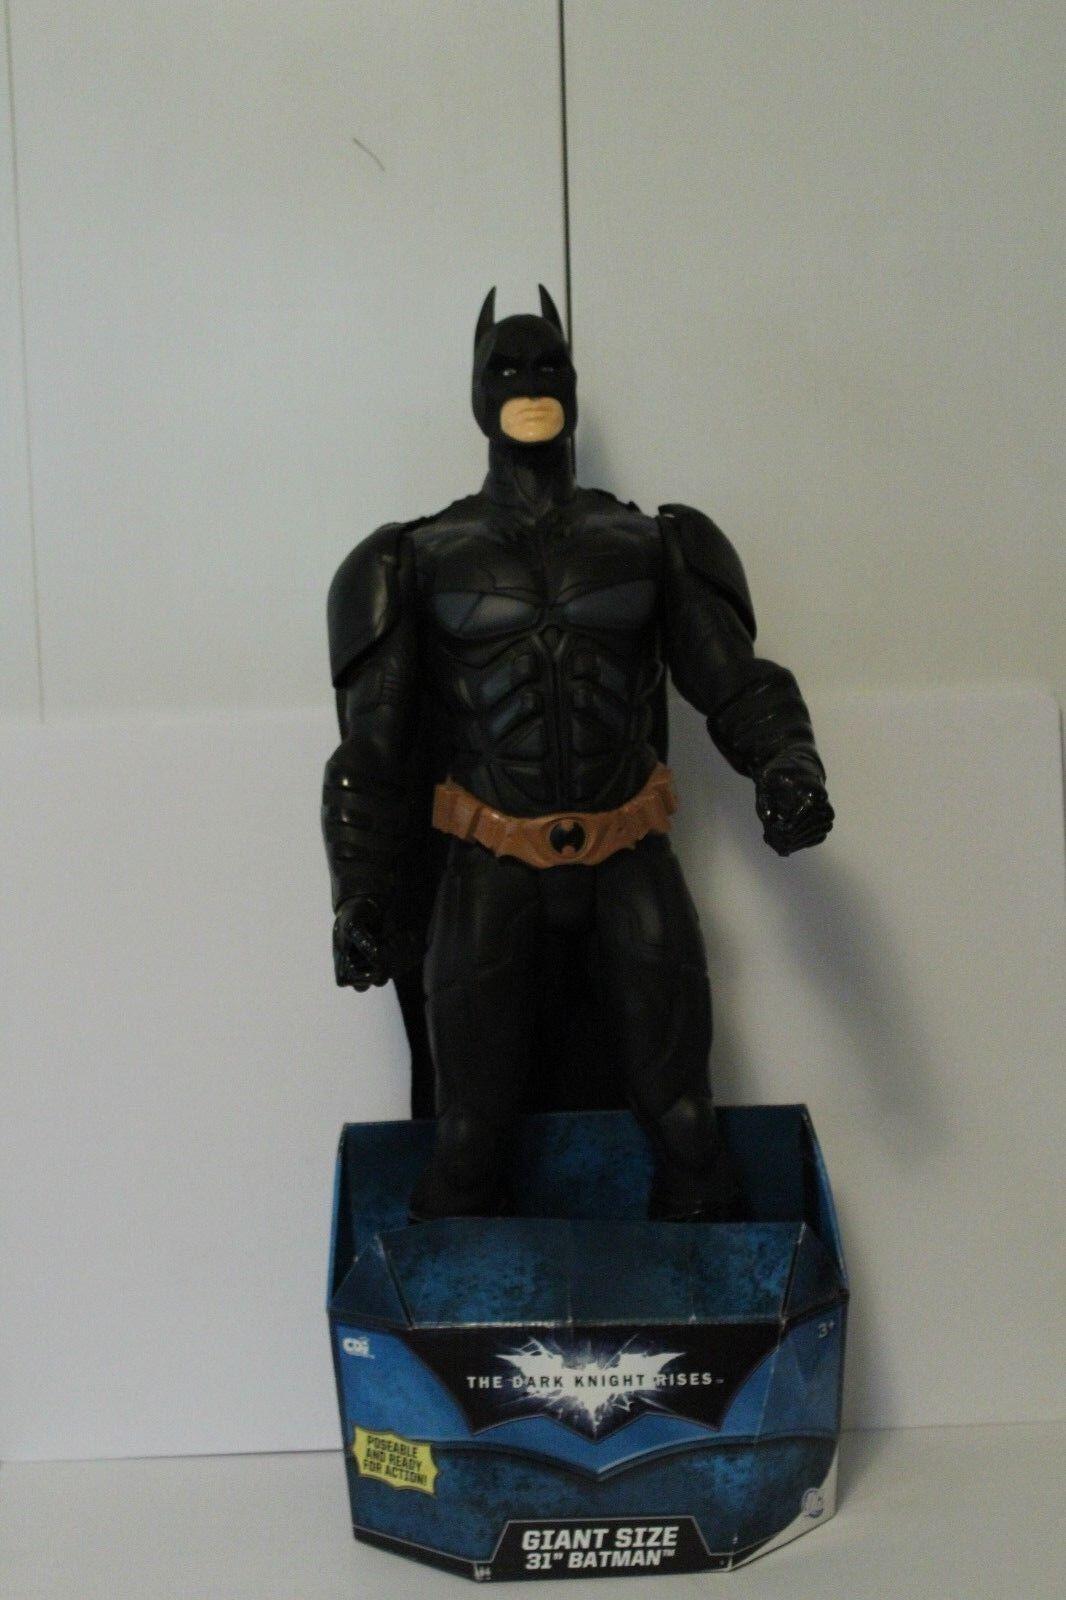 Batman - riese 31  die dunkle nacht steigen